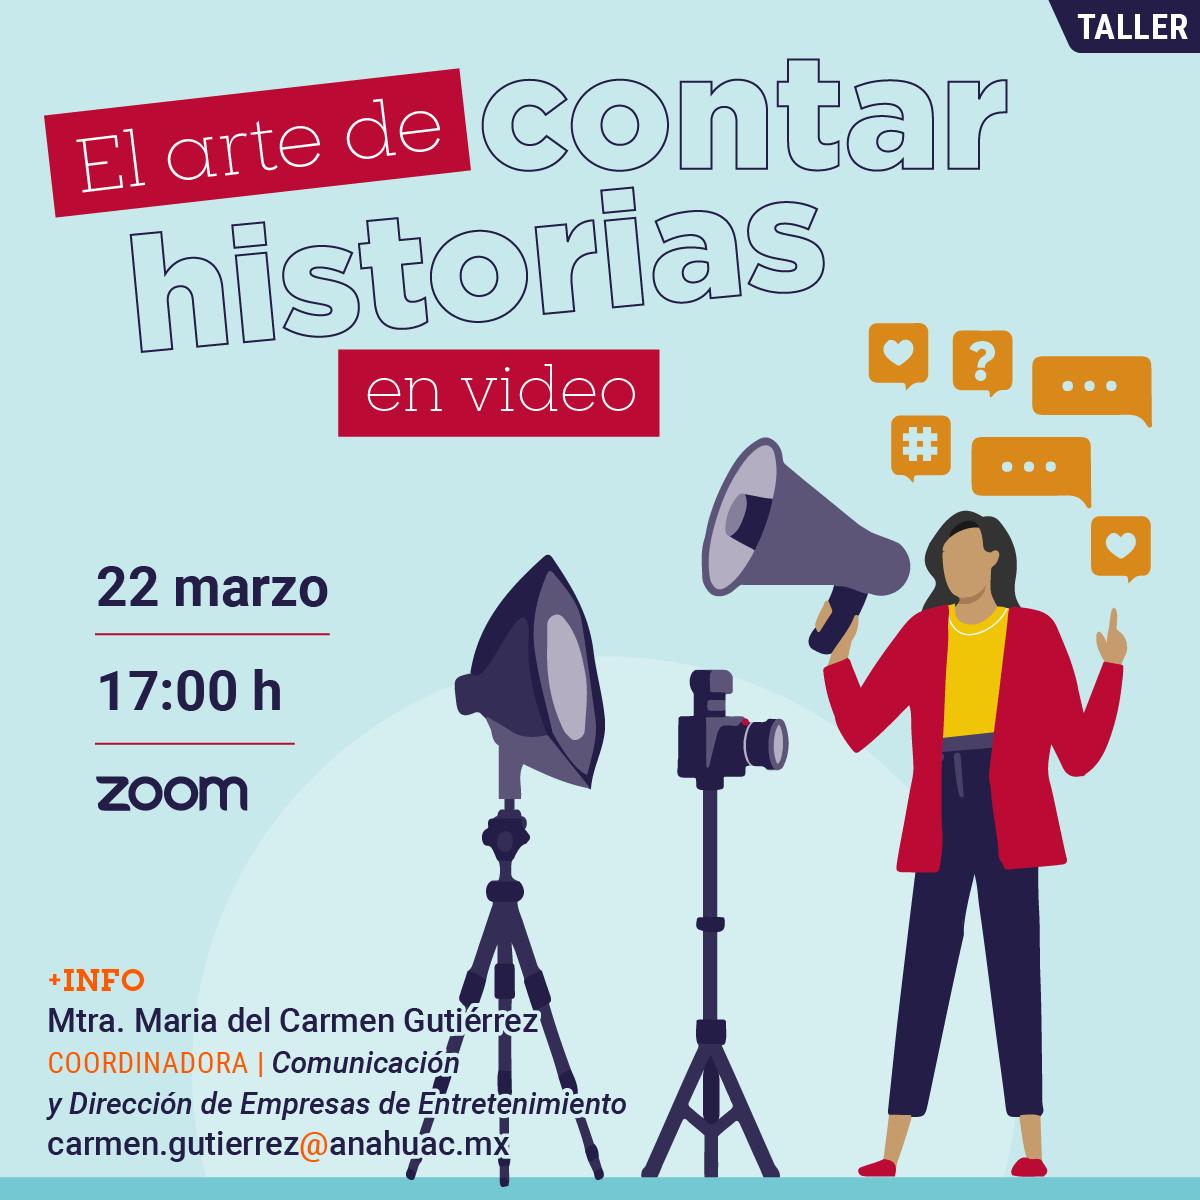 El Arte de Contar Historias en Video